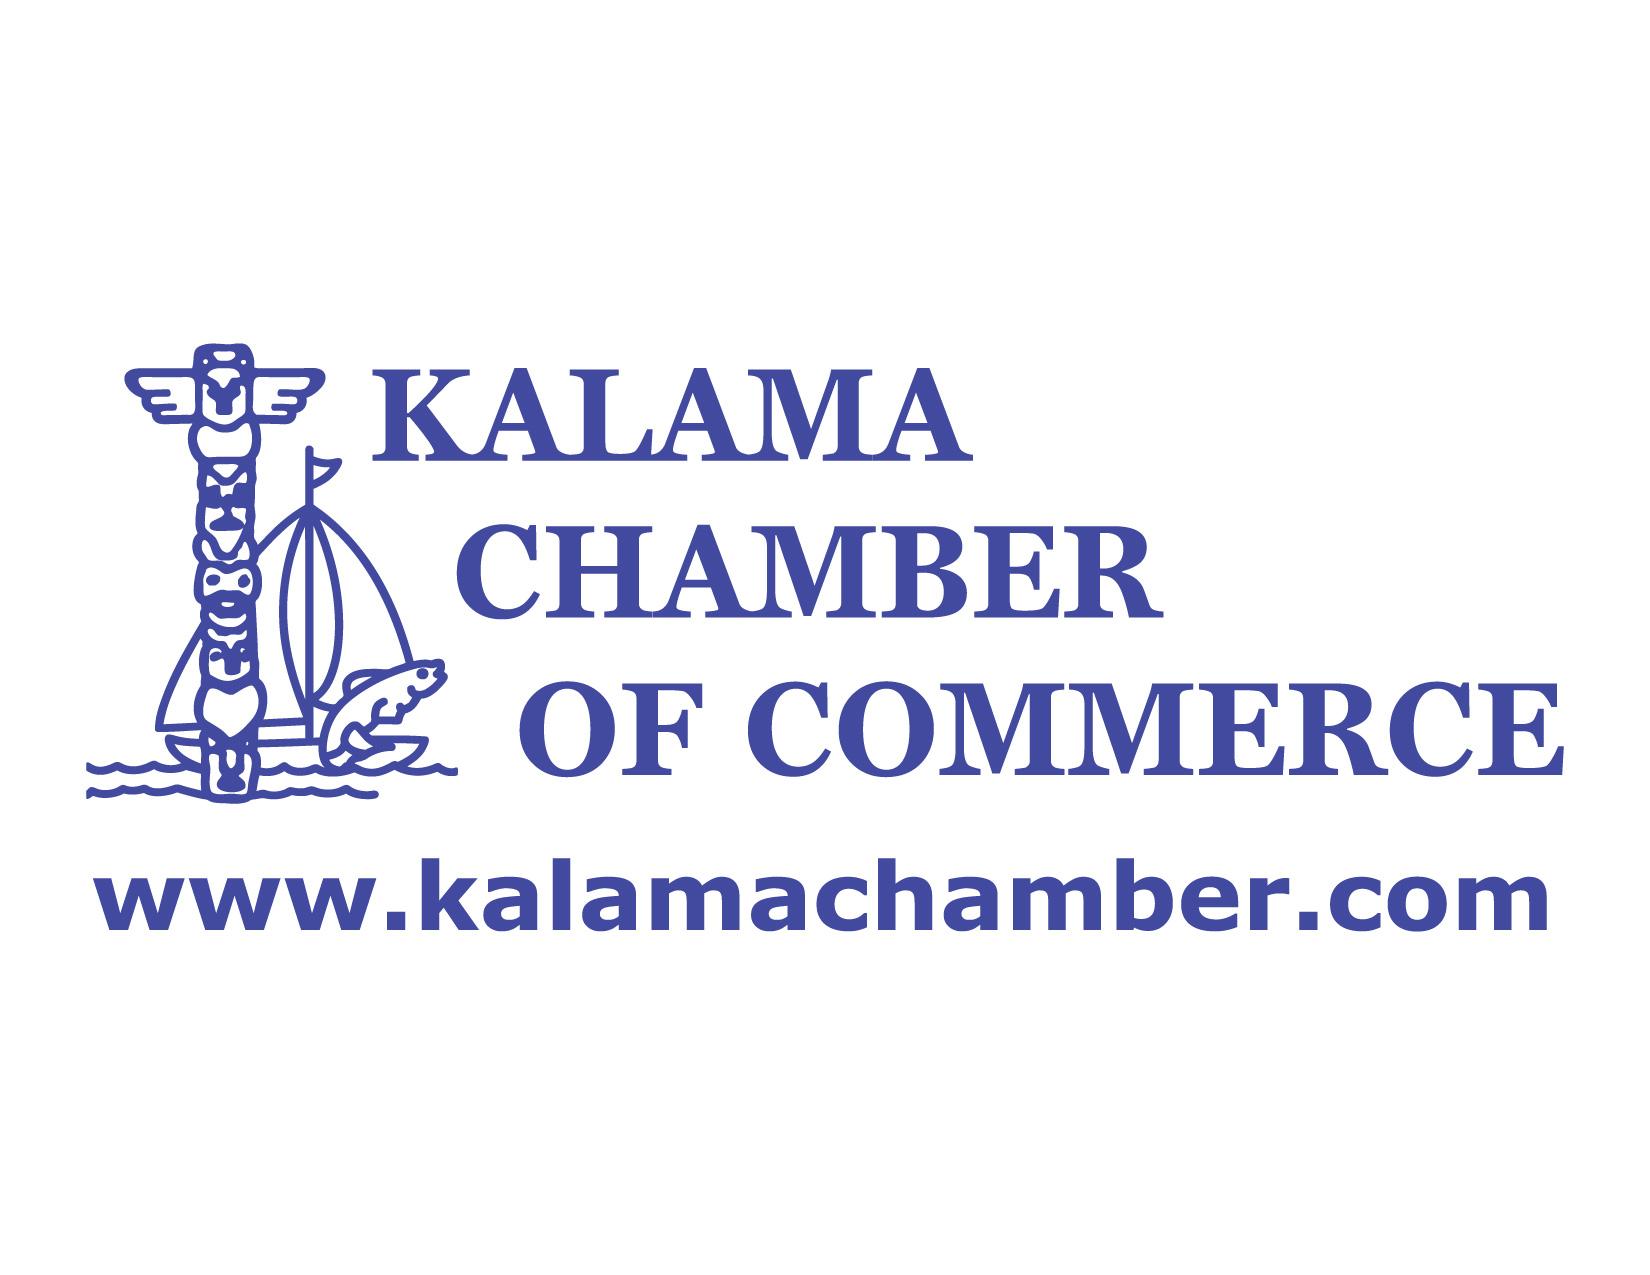 Kalama Chamber